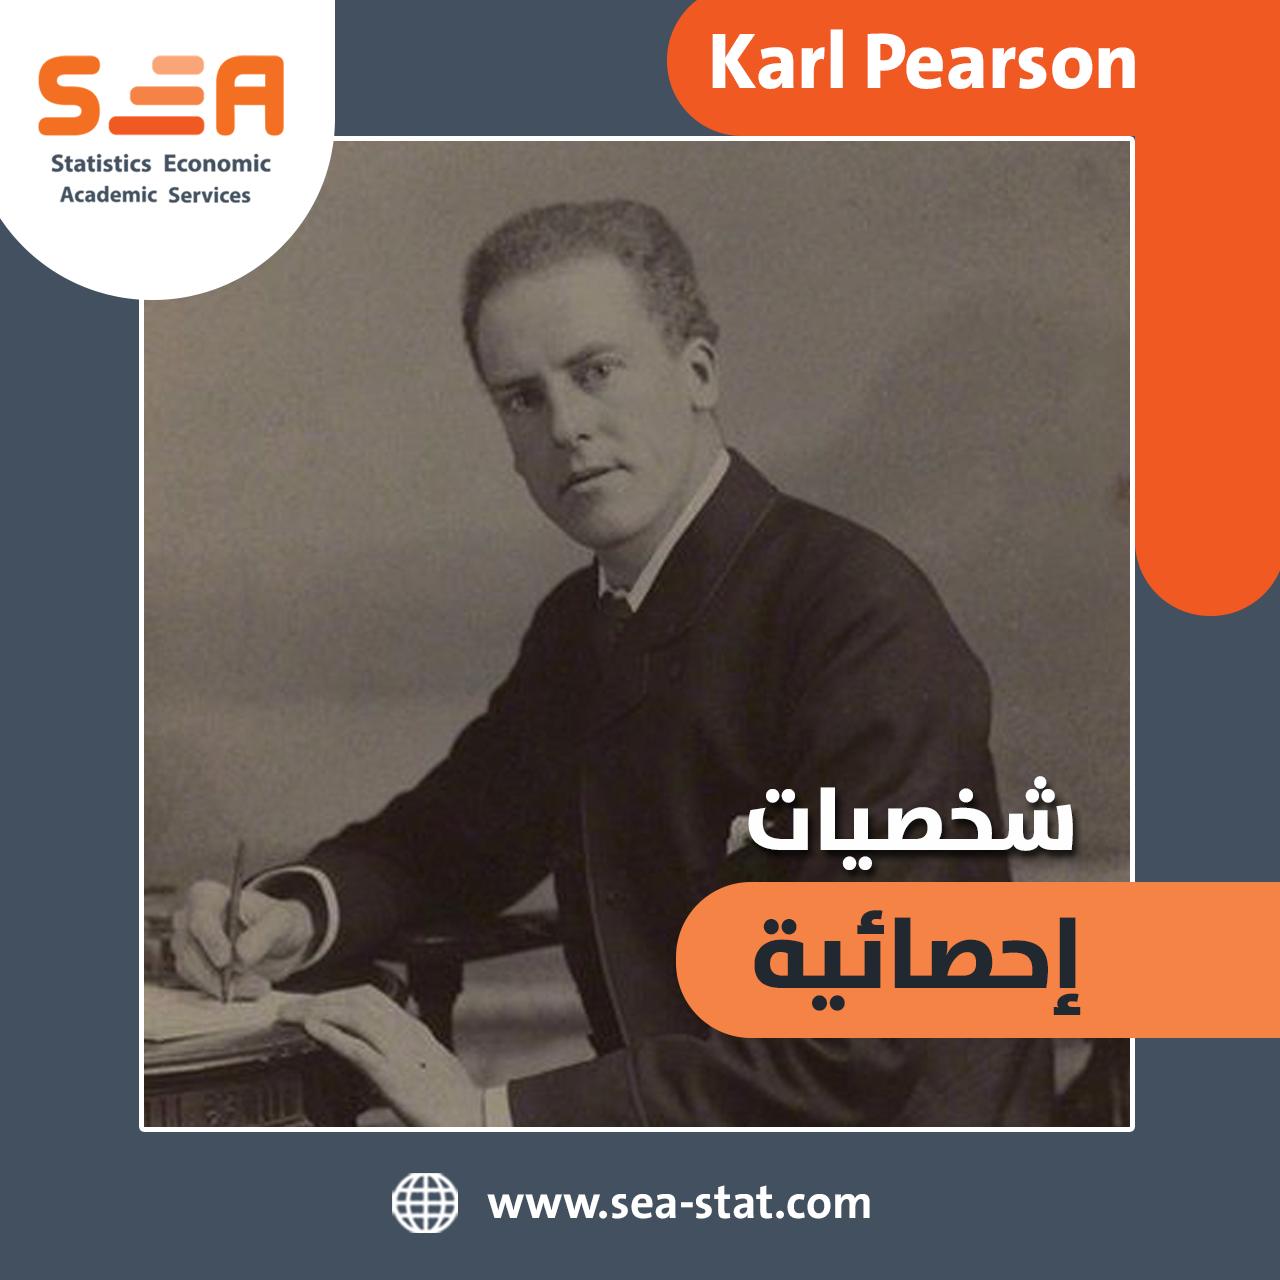 أسس أول قسم للإحصاء في العالم